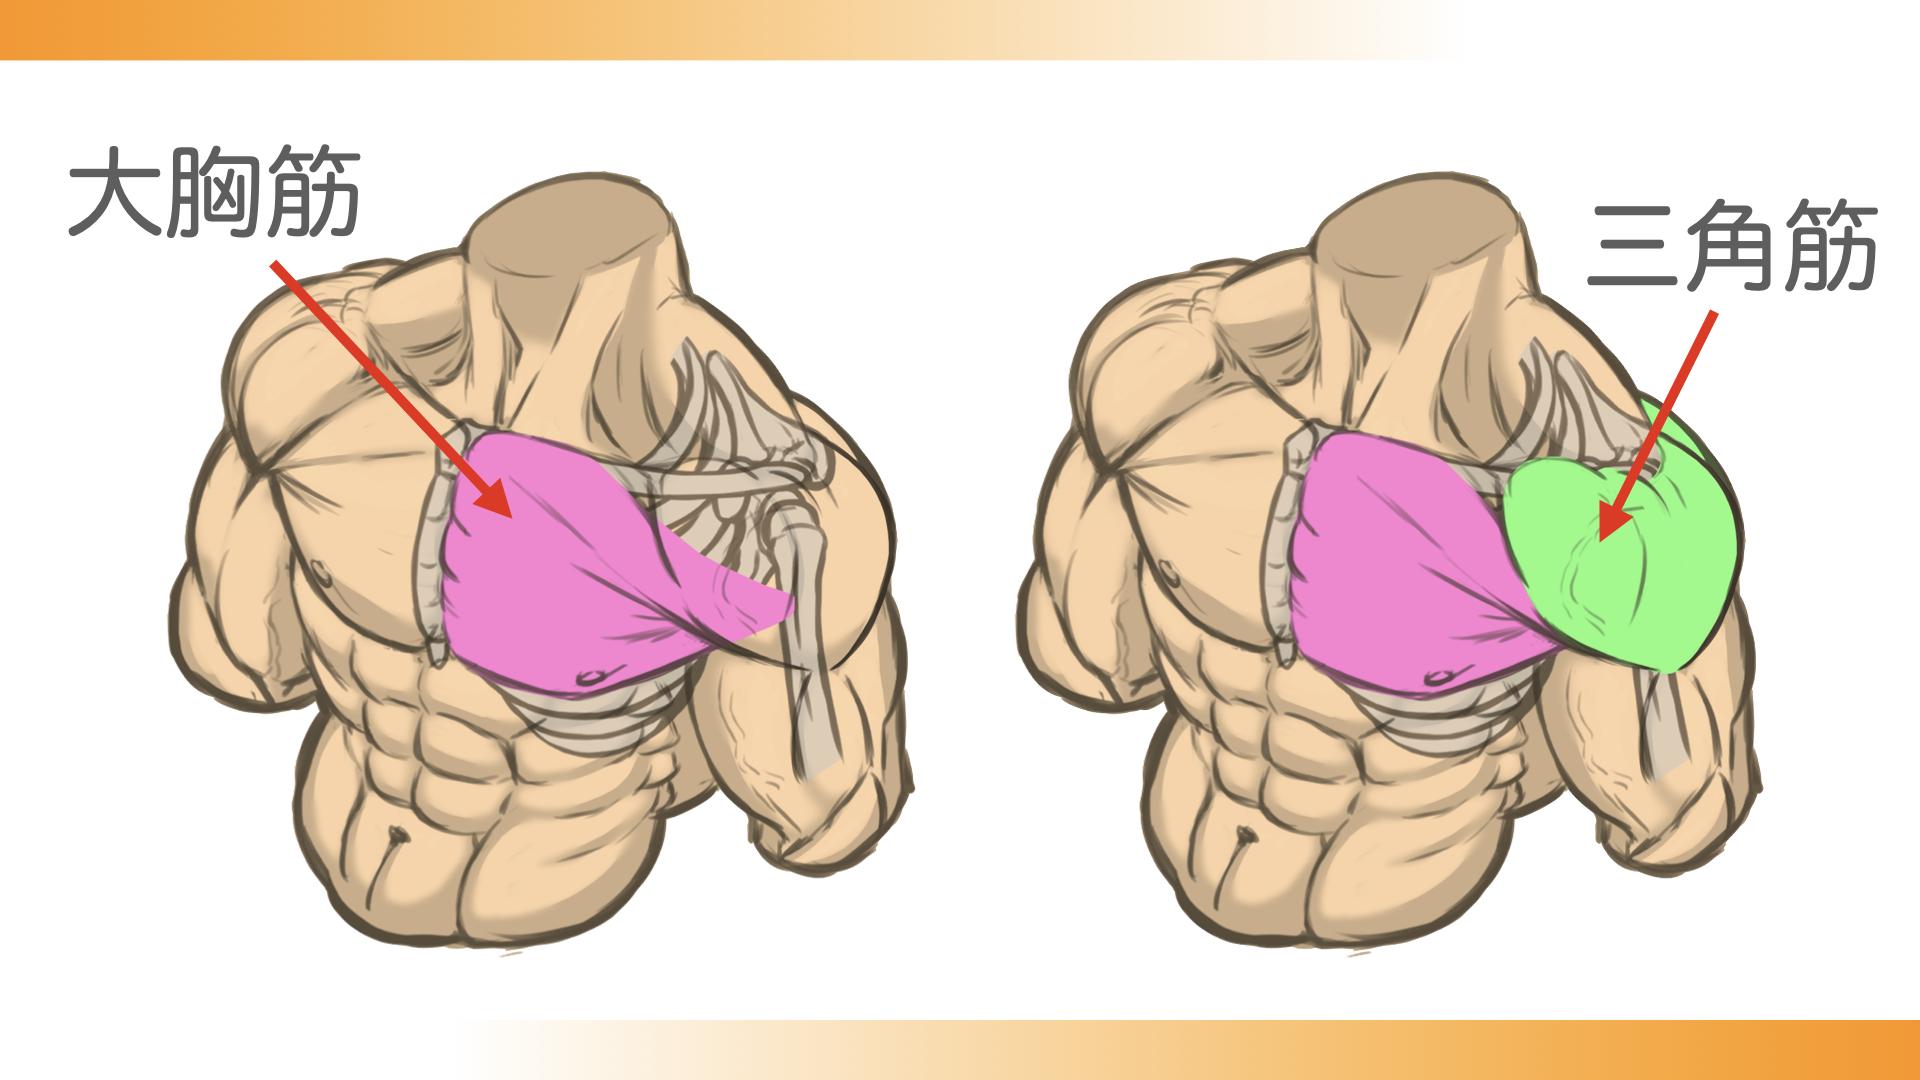 大胸筋が上腕骨につながっていて、その上から三角筋が覆いかぶさってついています。